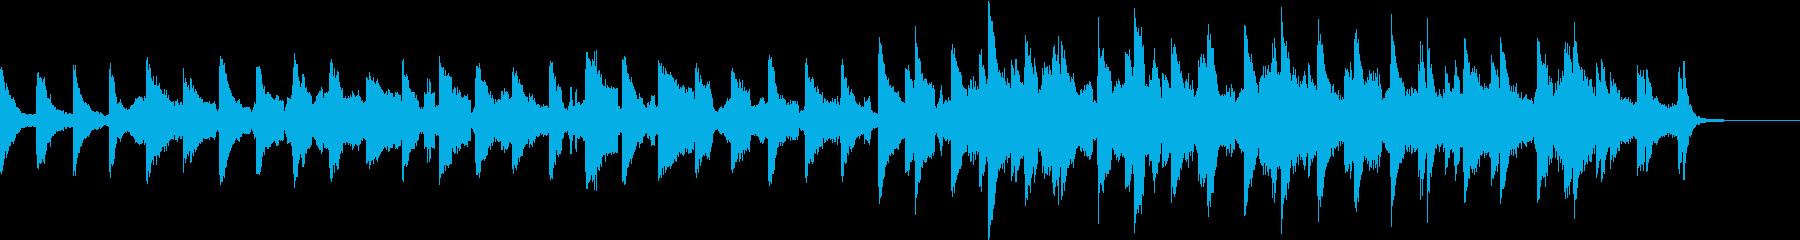 ミステリアスなストリングスBGMの再生済みの波形